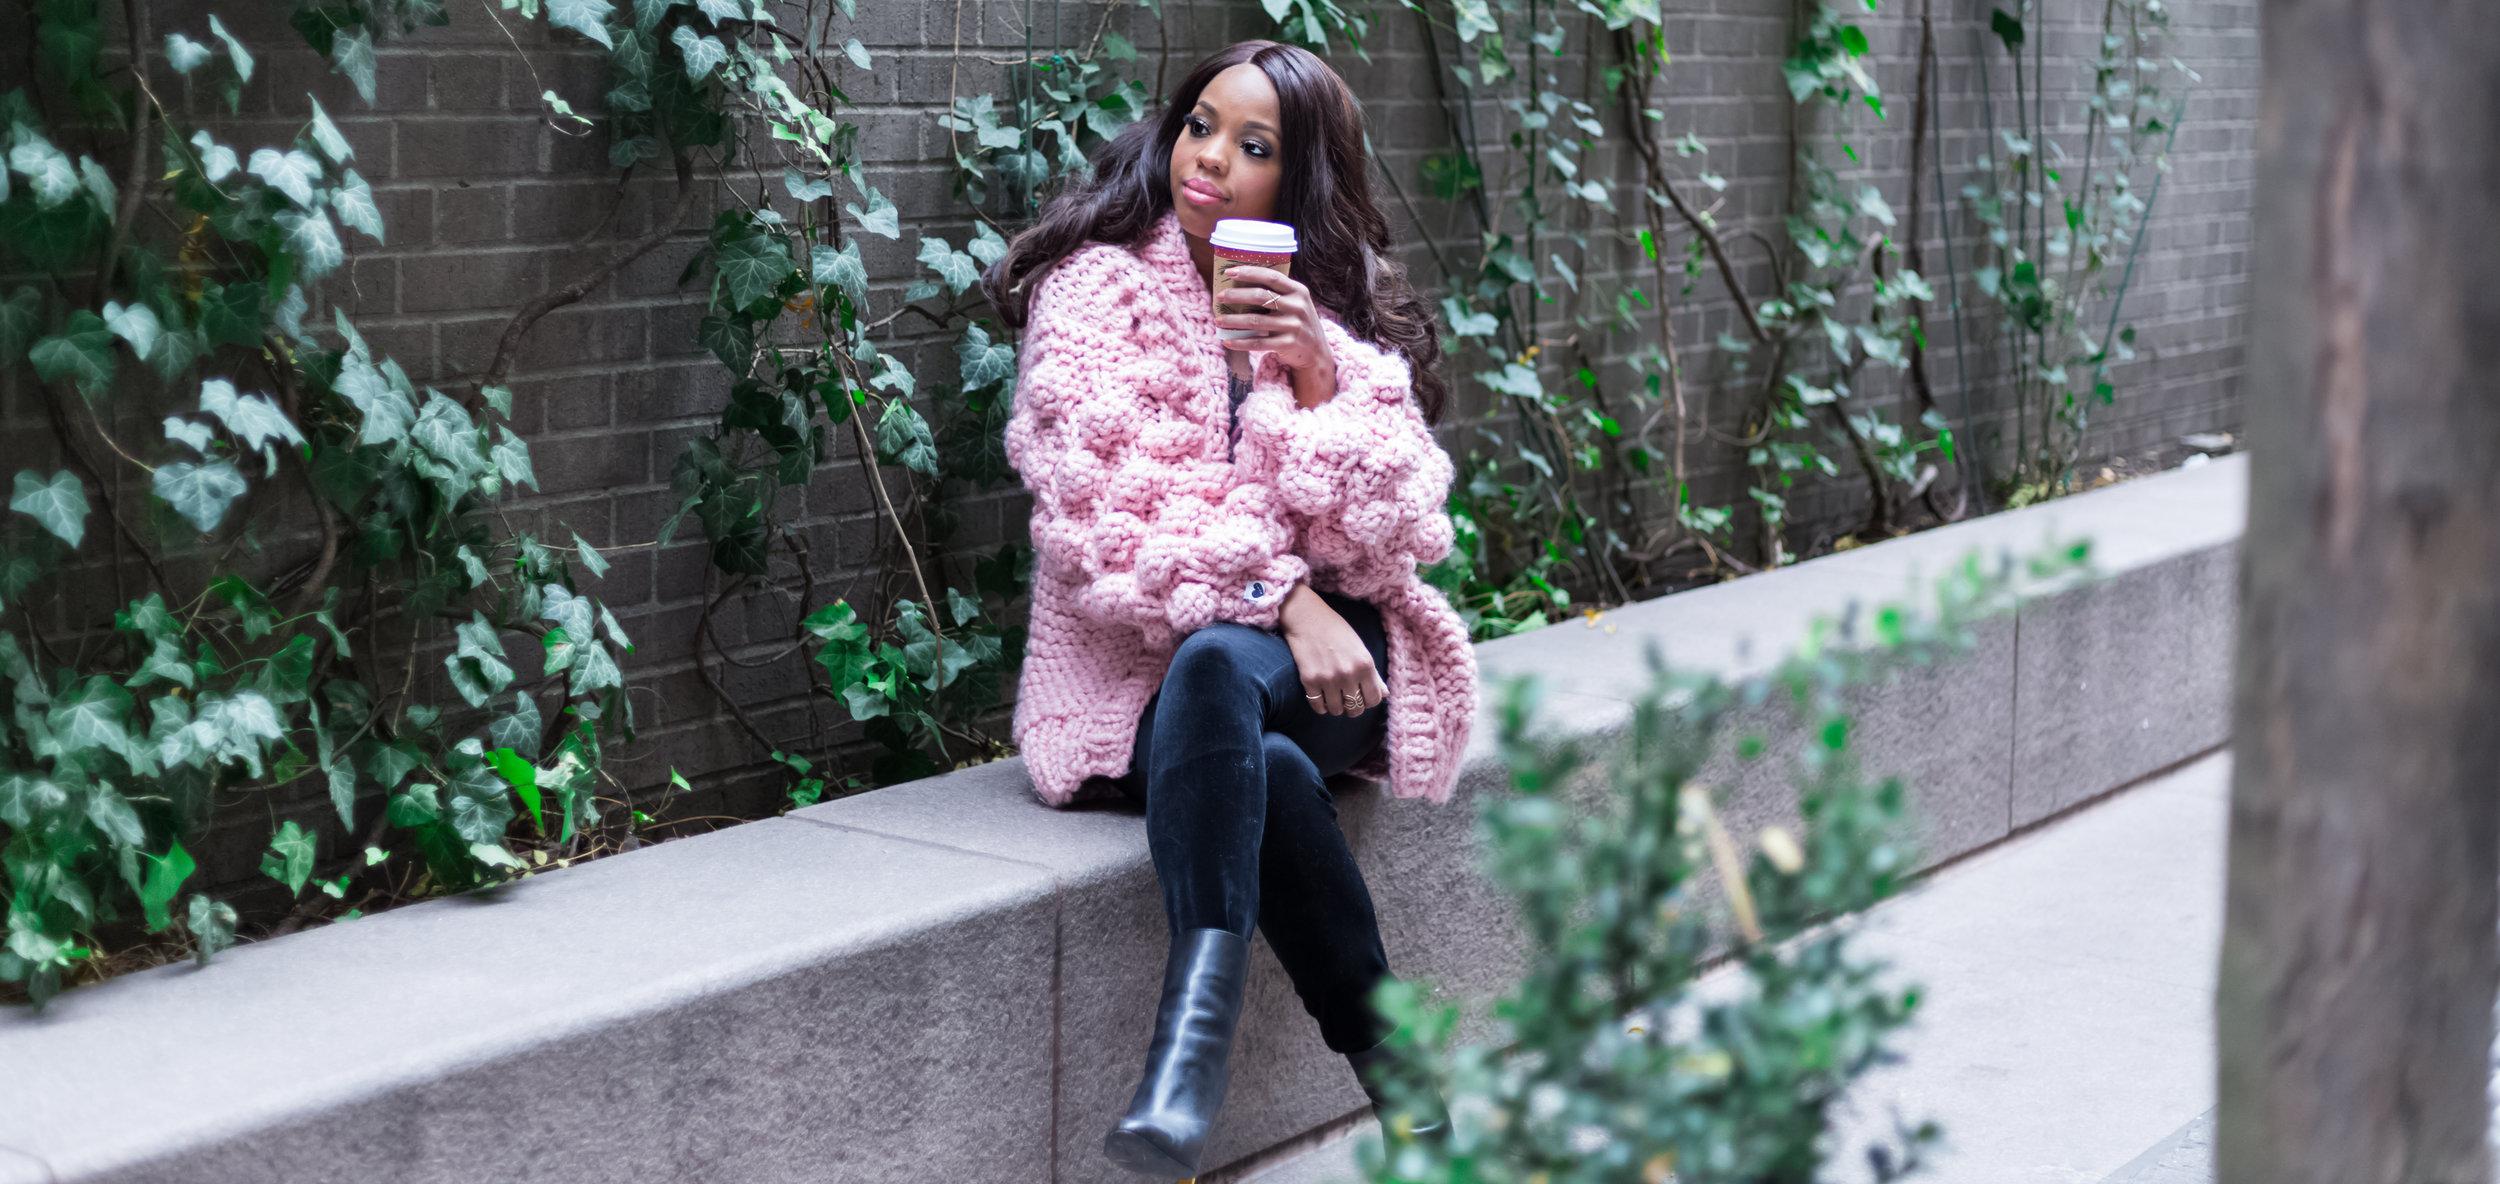 Handmade Pom Pom Knit Cardigan Sweater